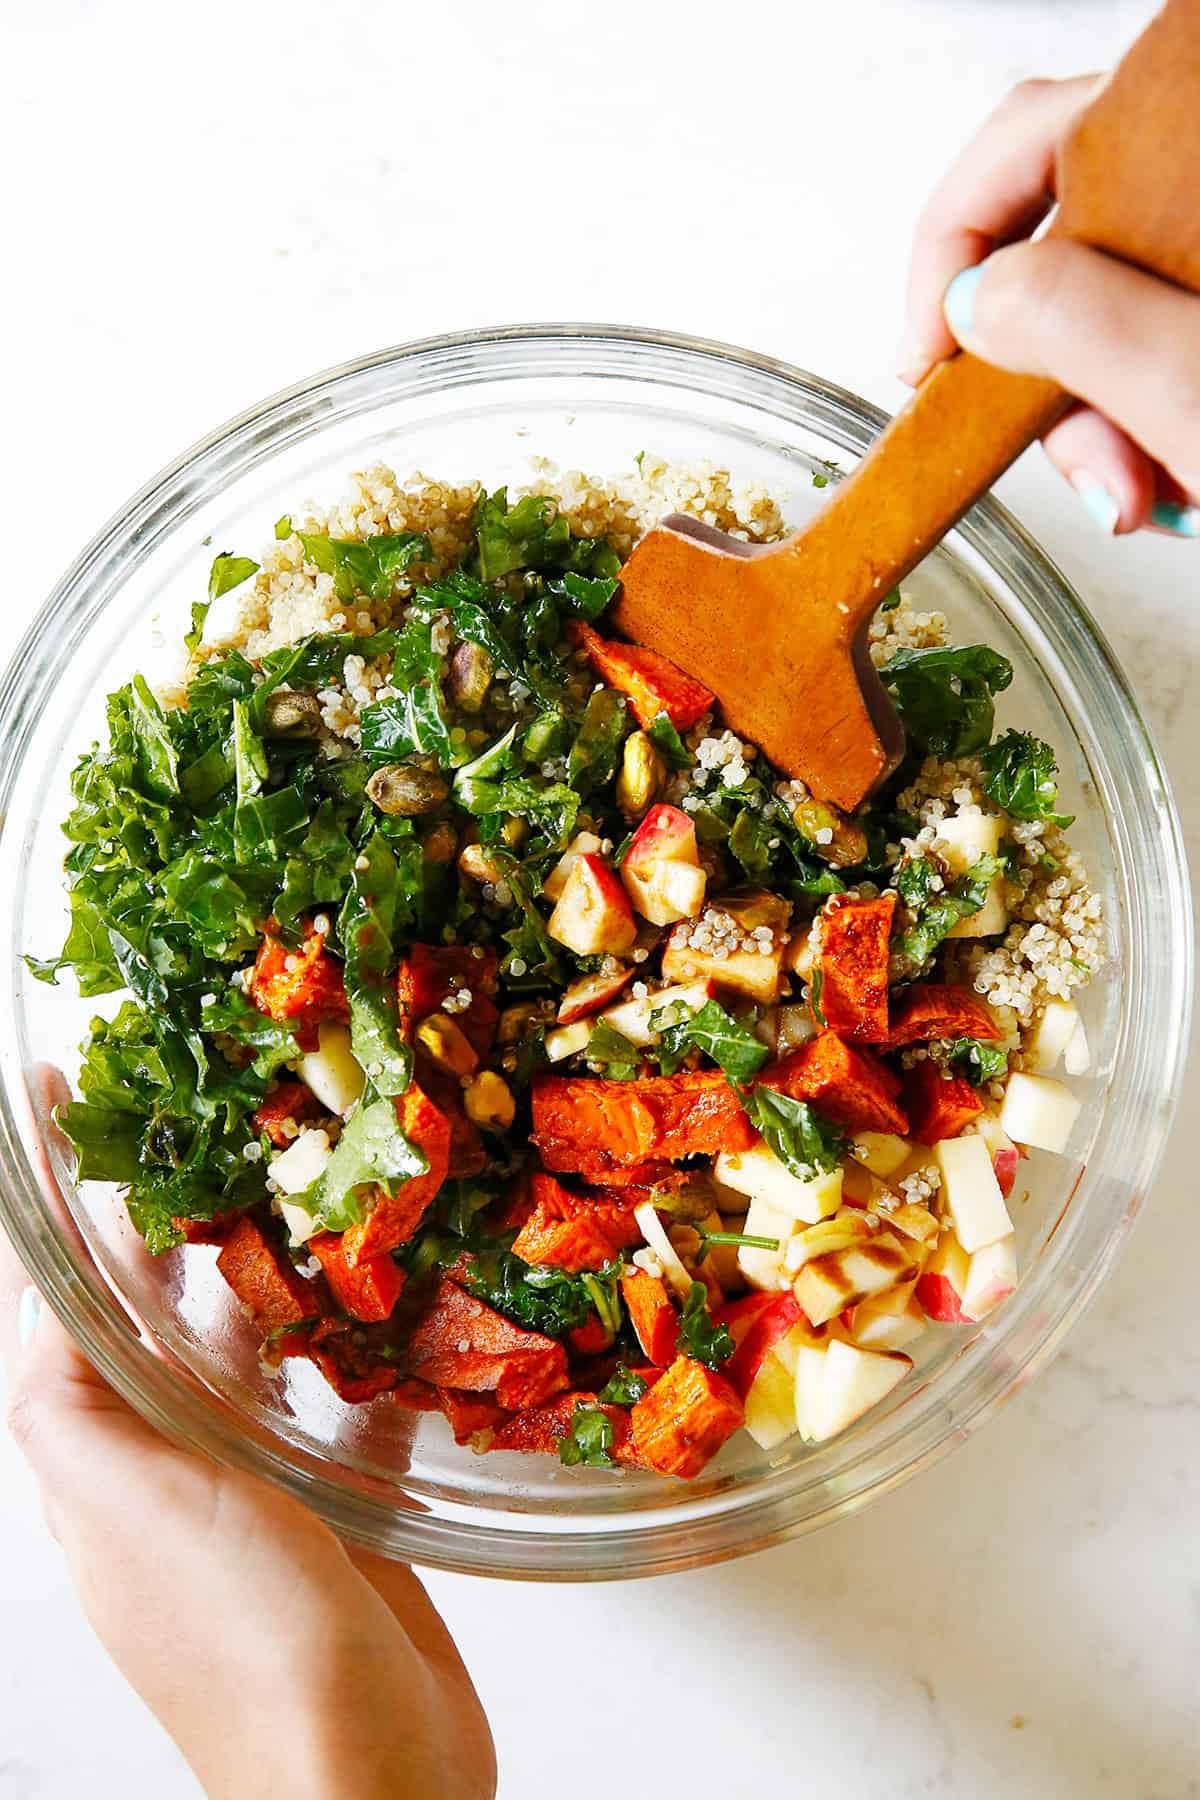 Mixing together a sweet potato quinoa salad